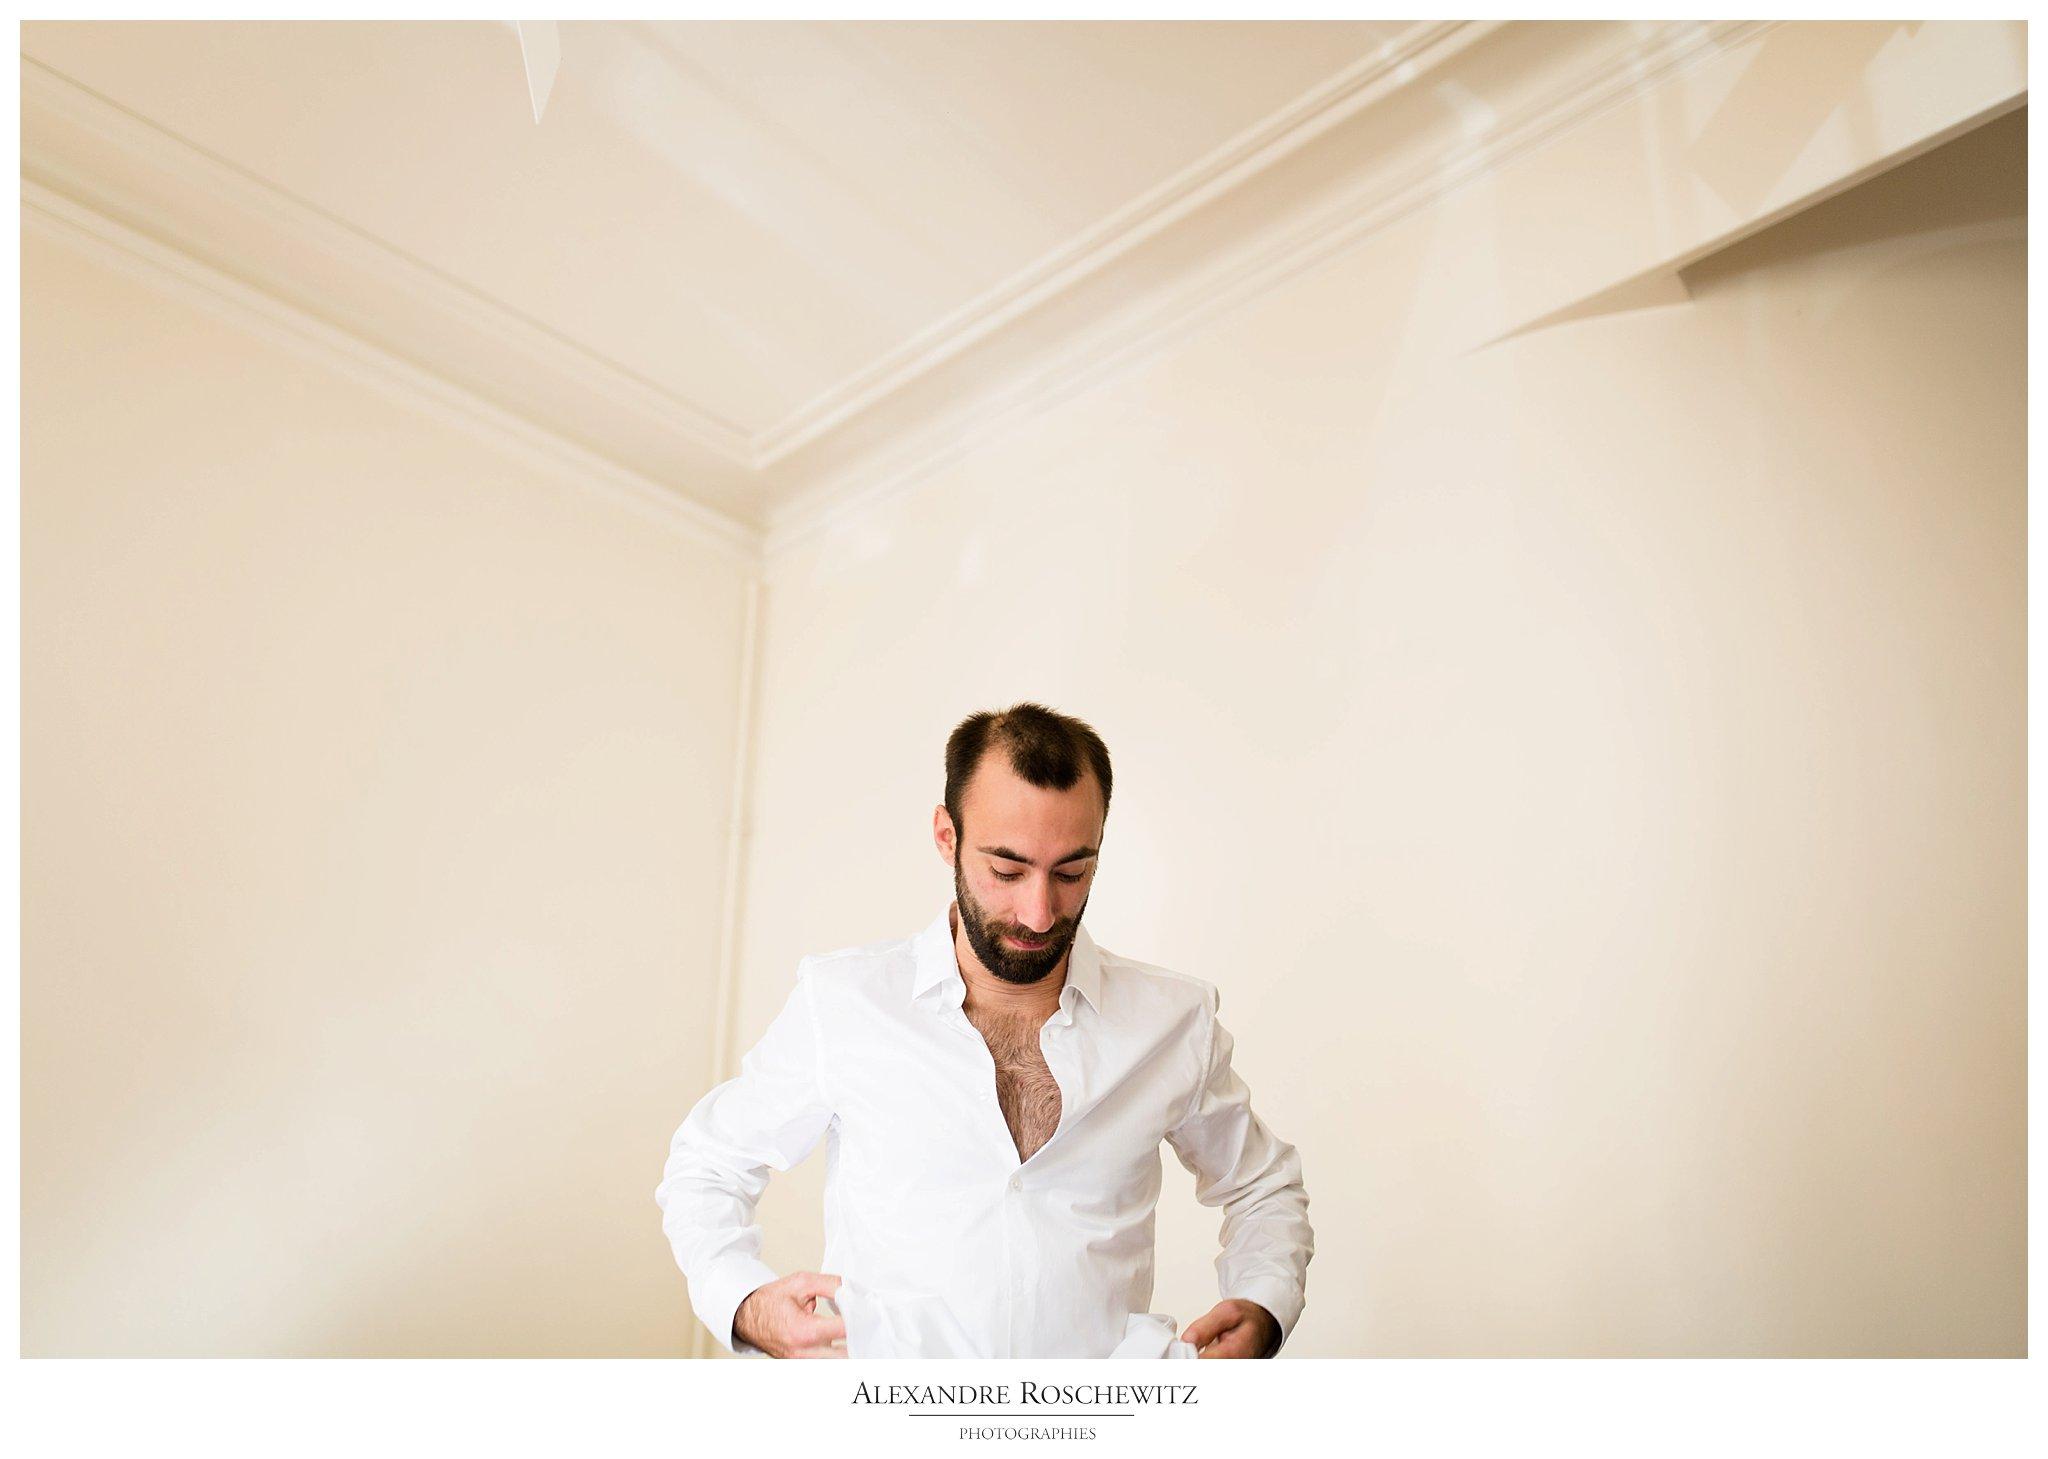 Les photos et la vidéo fusion du mariage de Nathalie et Nicolas à Bordeaux, Le Bouscat et au Domaine de Conseillant à Cubzac-Les-Ponts. Alexandre Roschewitz Photographies.